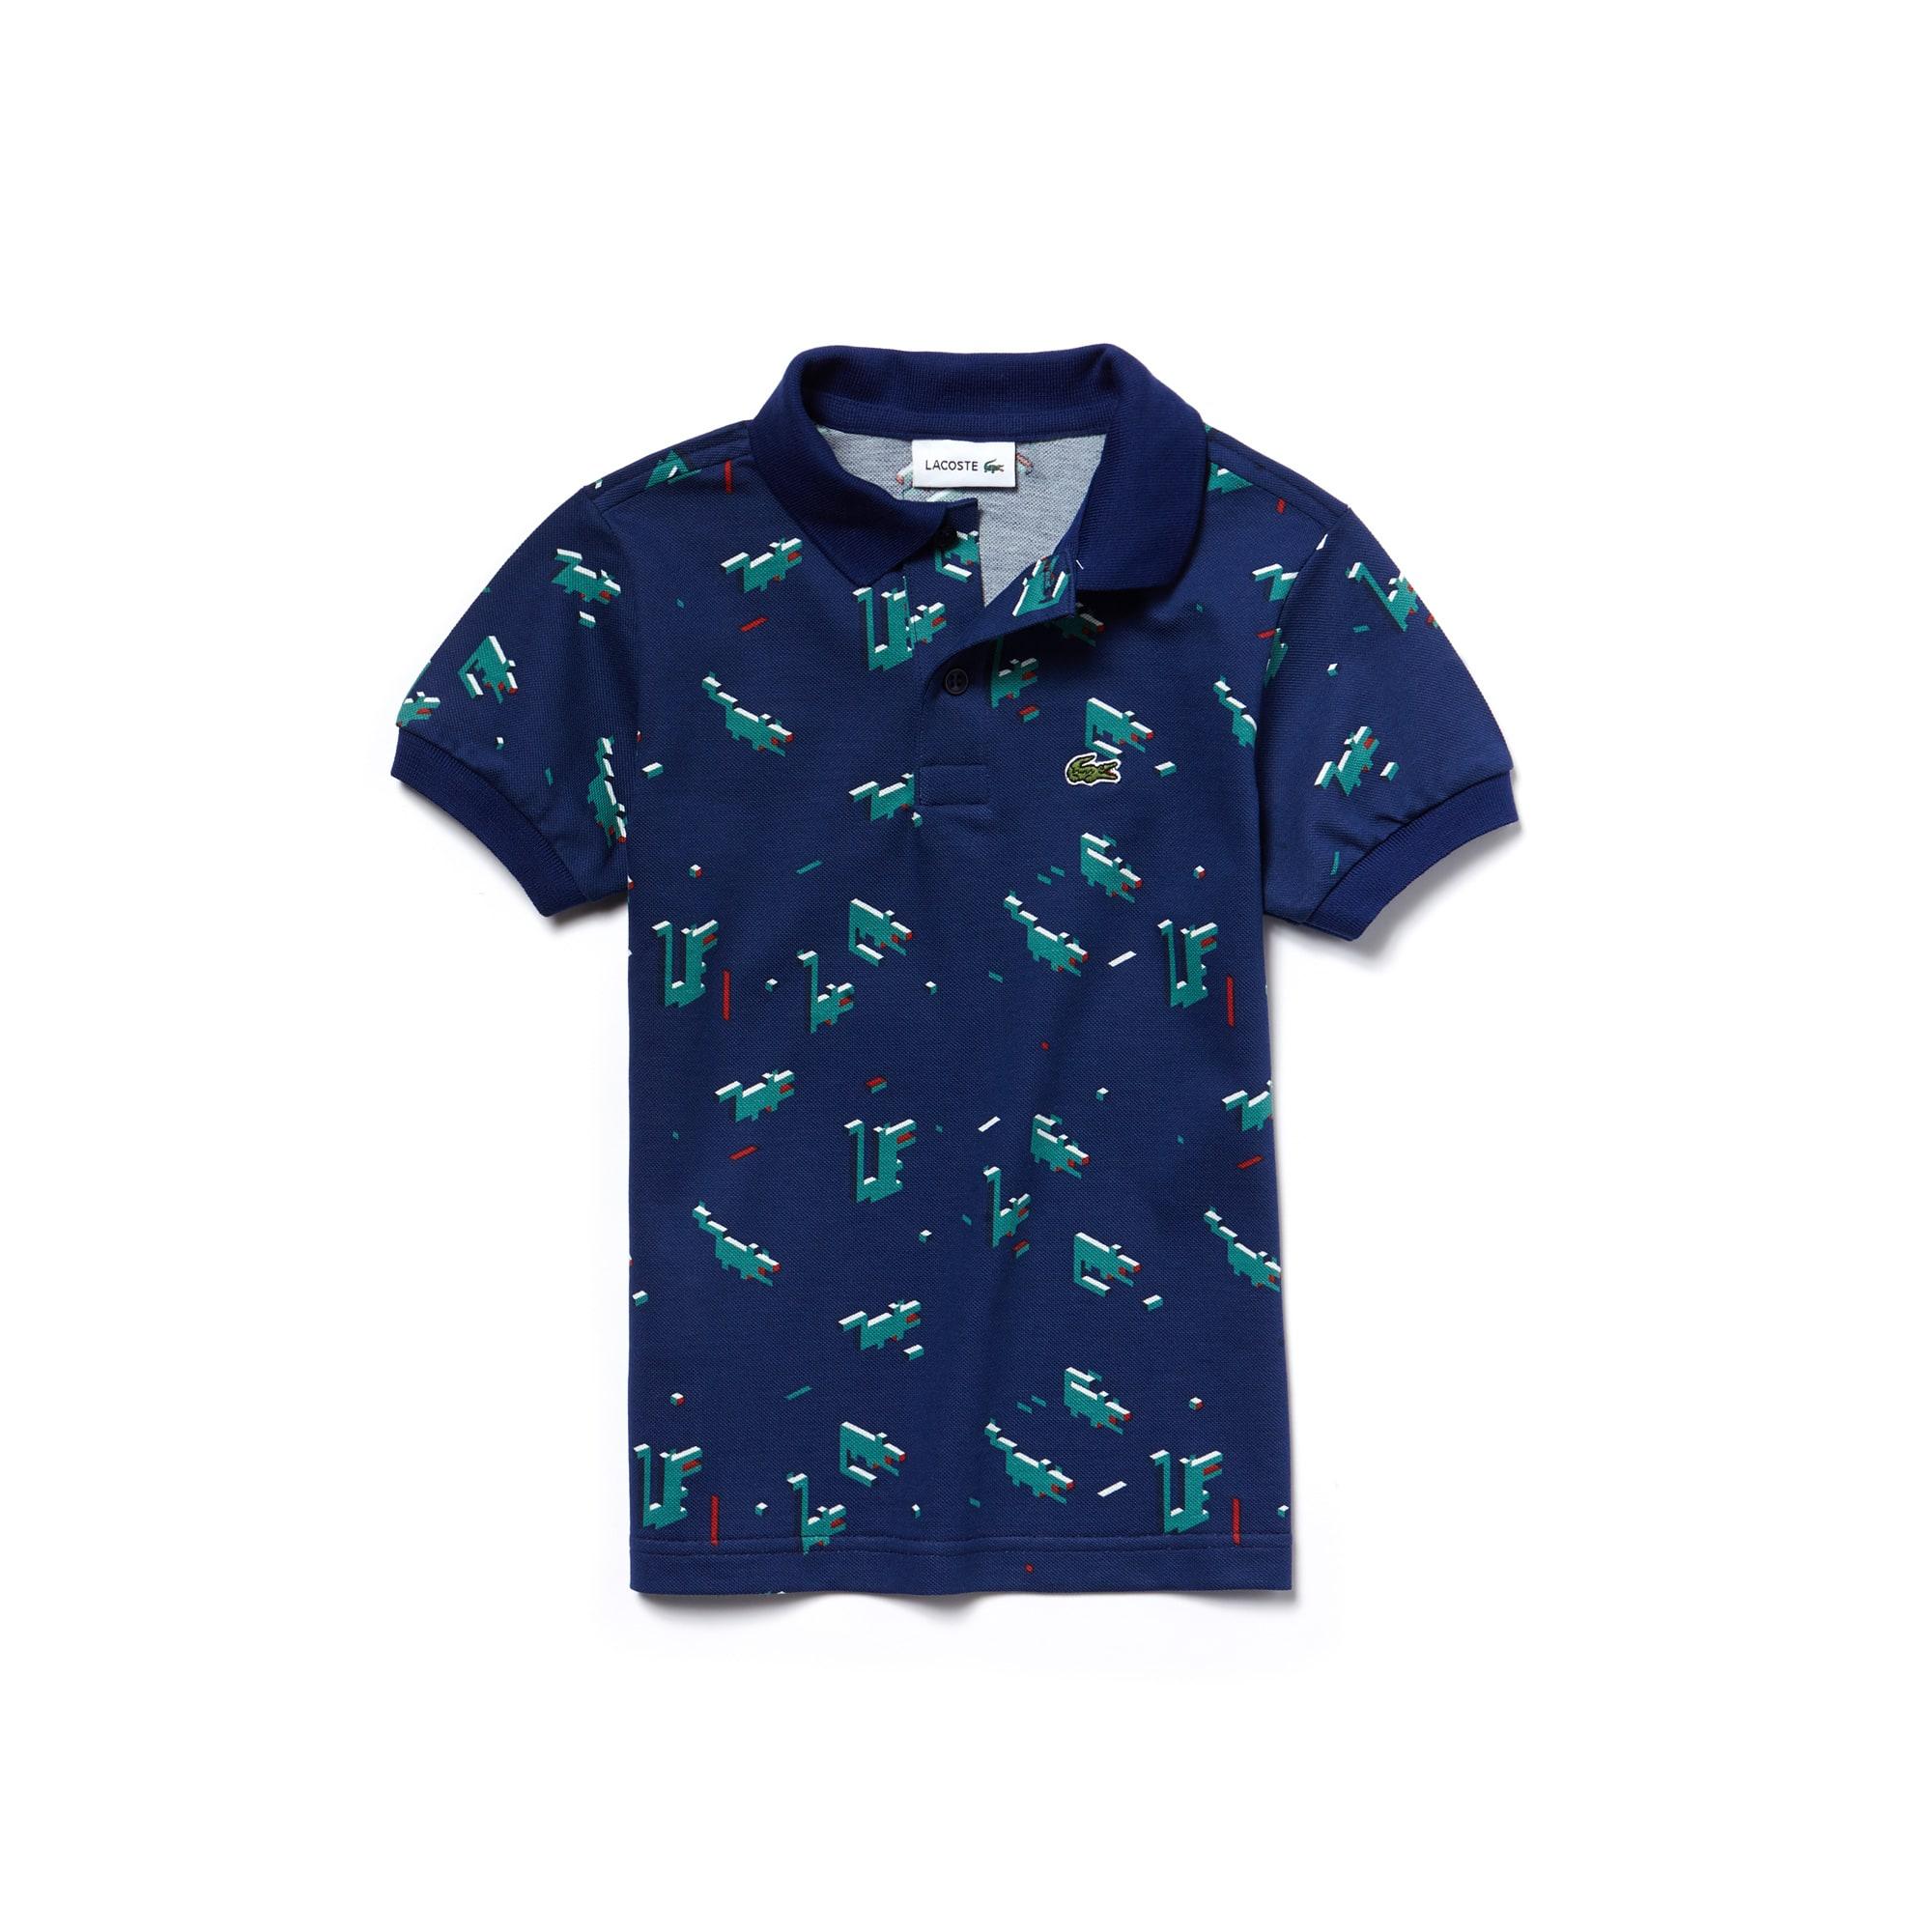 Polo Infantil Lacoste Little Boy Edition Masculina em Minipiqué com Estampa